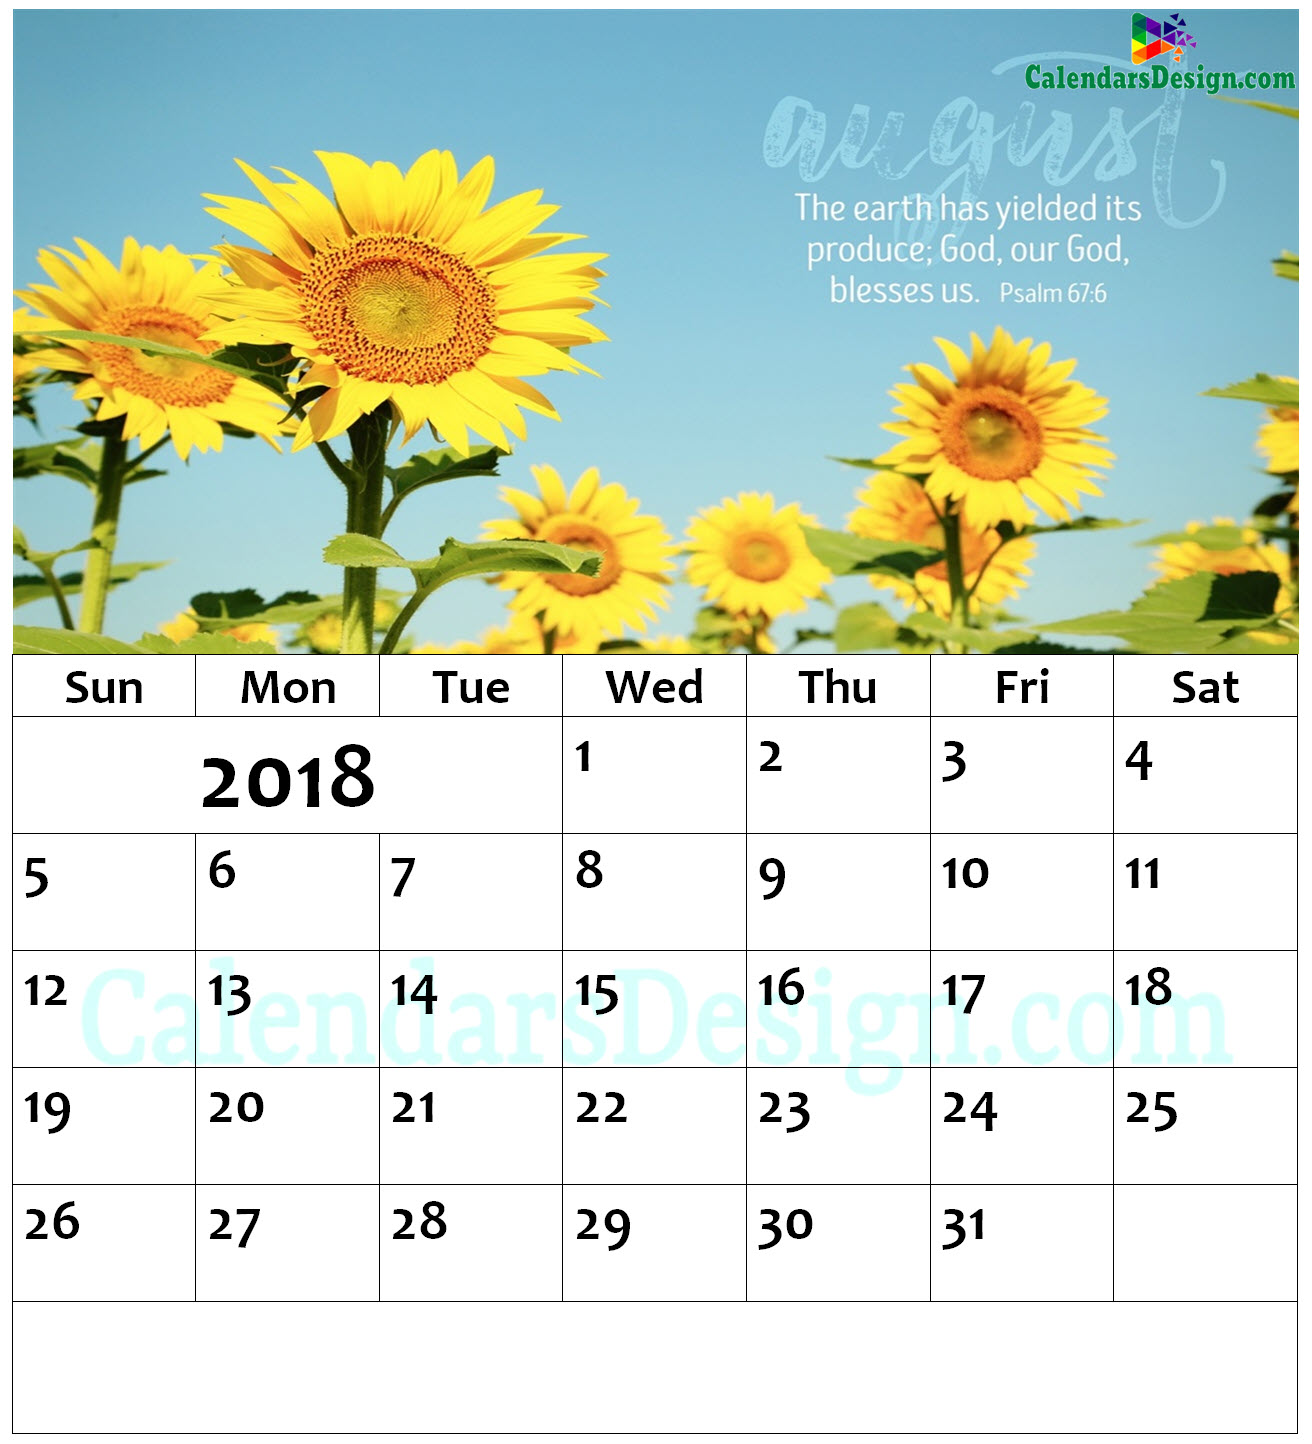 August 2018 Wall Calendar